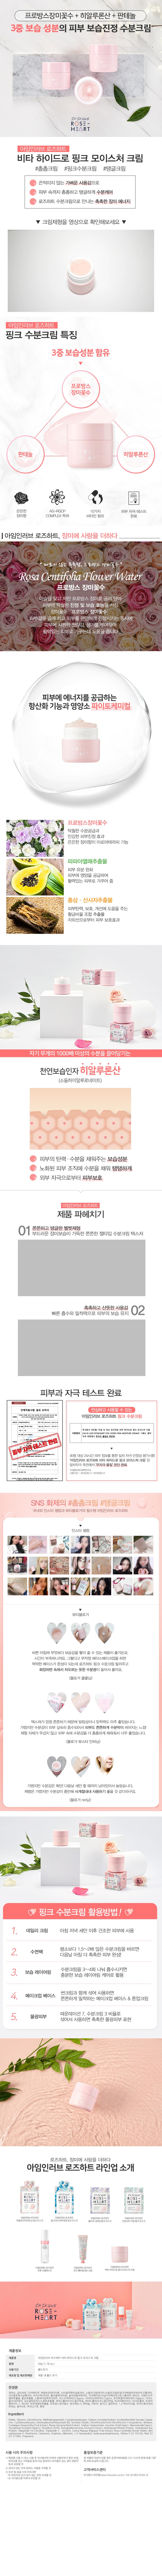 비타 하이드로 핑크 모이스처 크림 - 아임인러브 로즈하트, 33,000원, 크림/오일, 크림